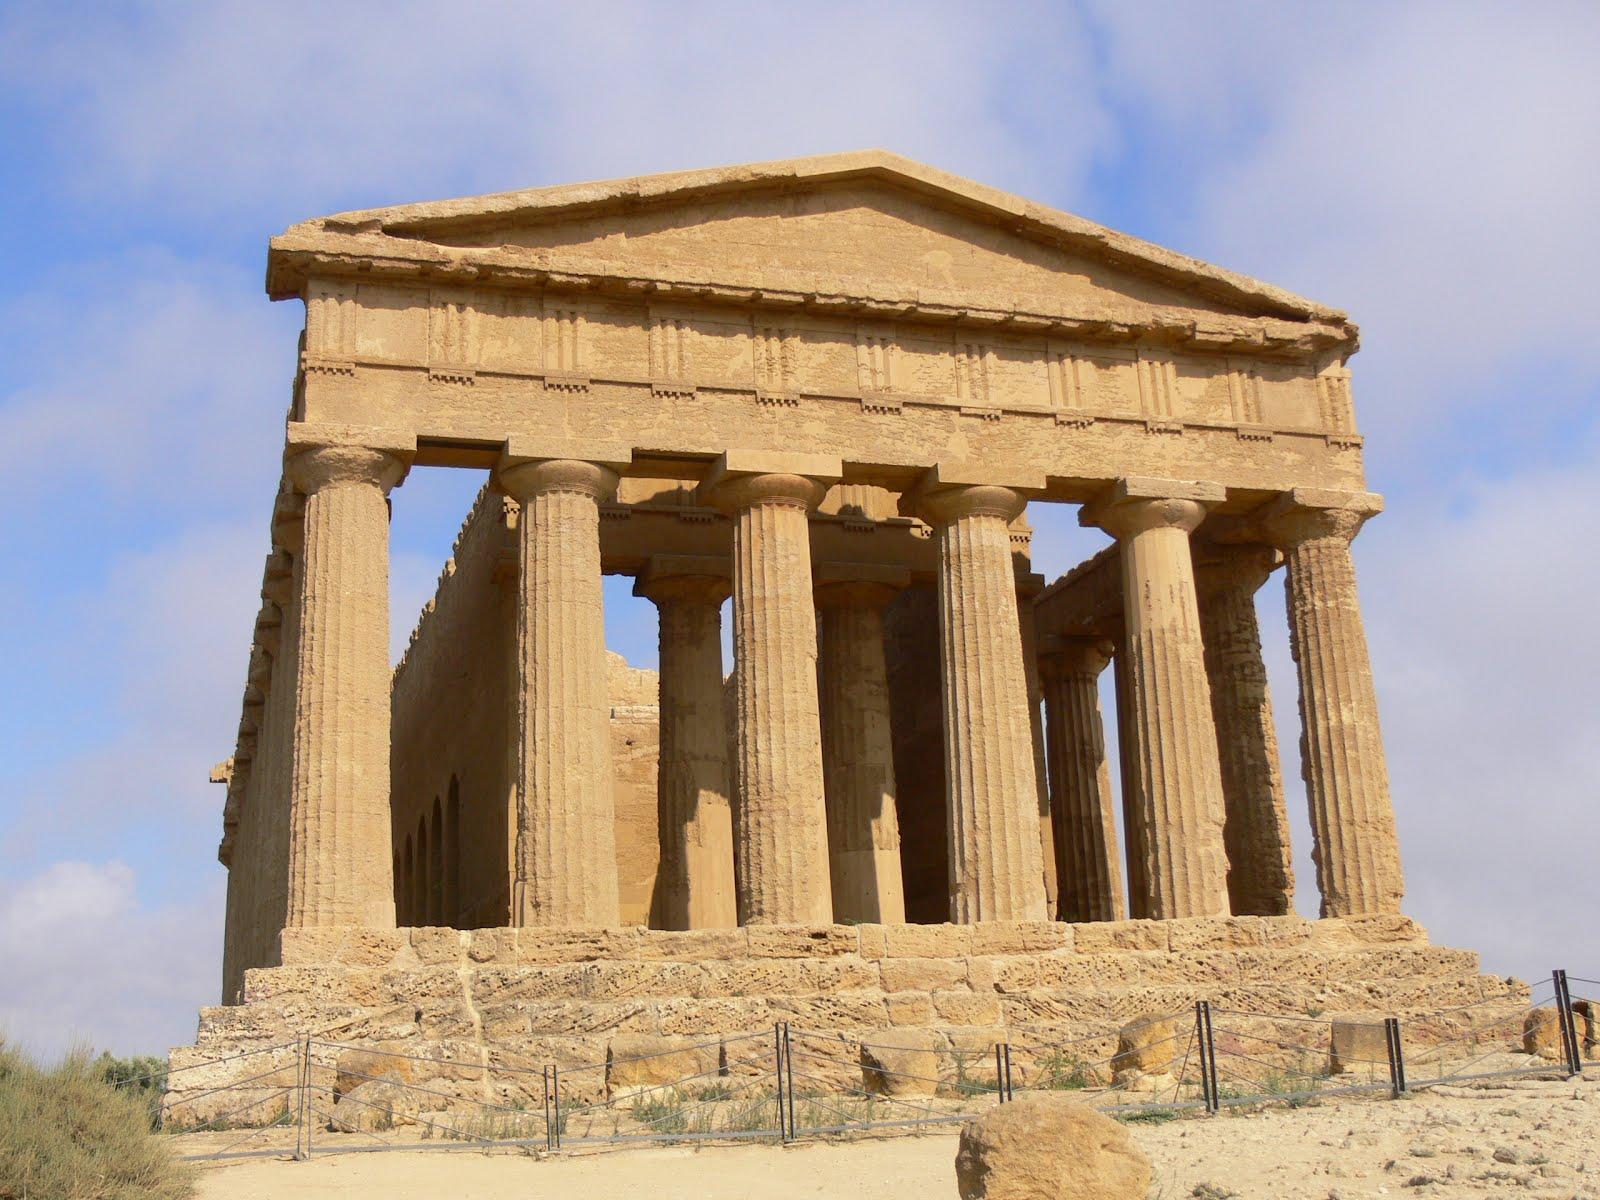 La clase de ciencias sociales el arte griego for Arquitectura griega templos